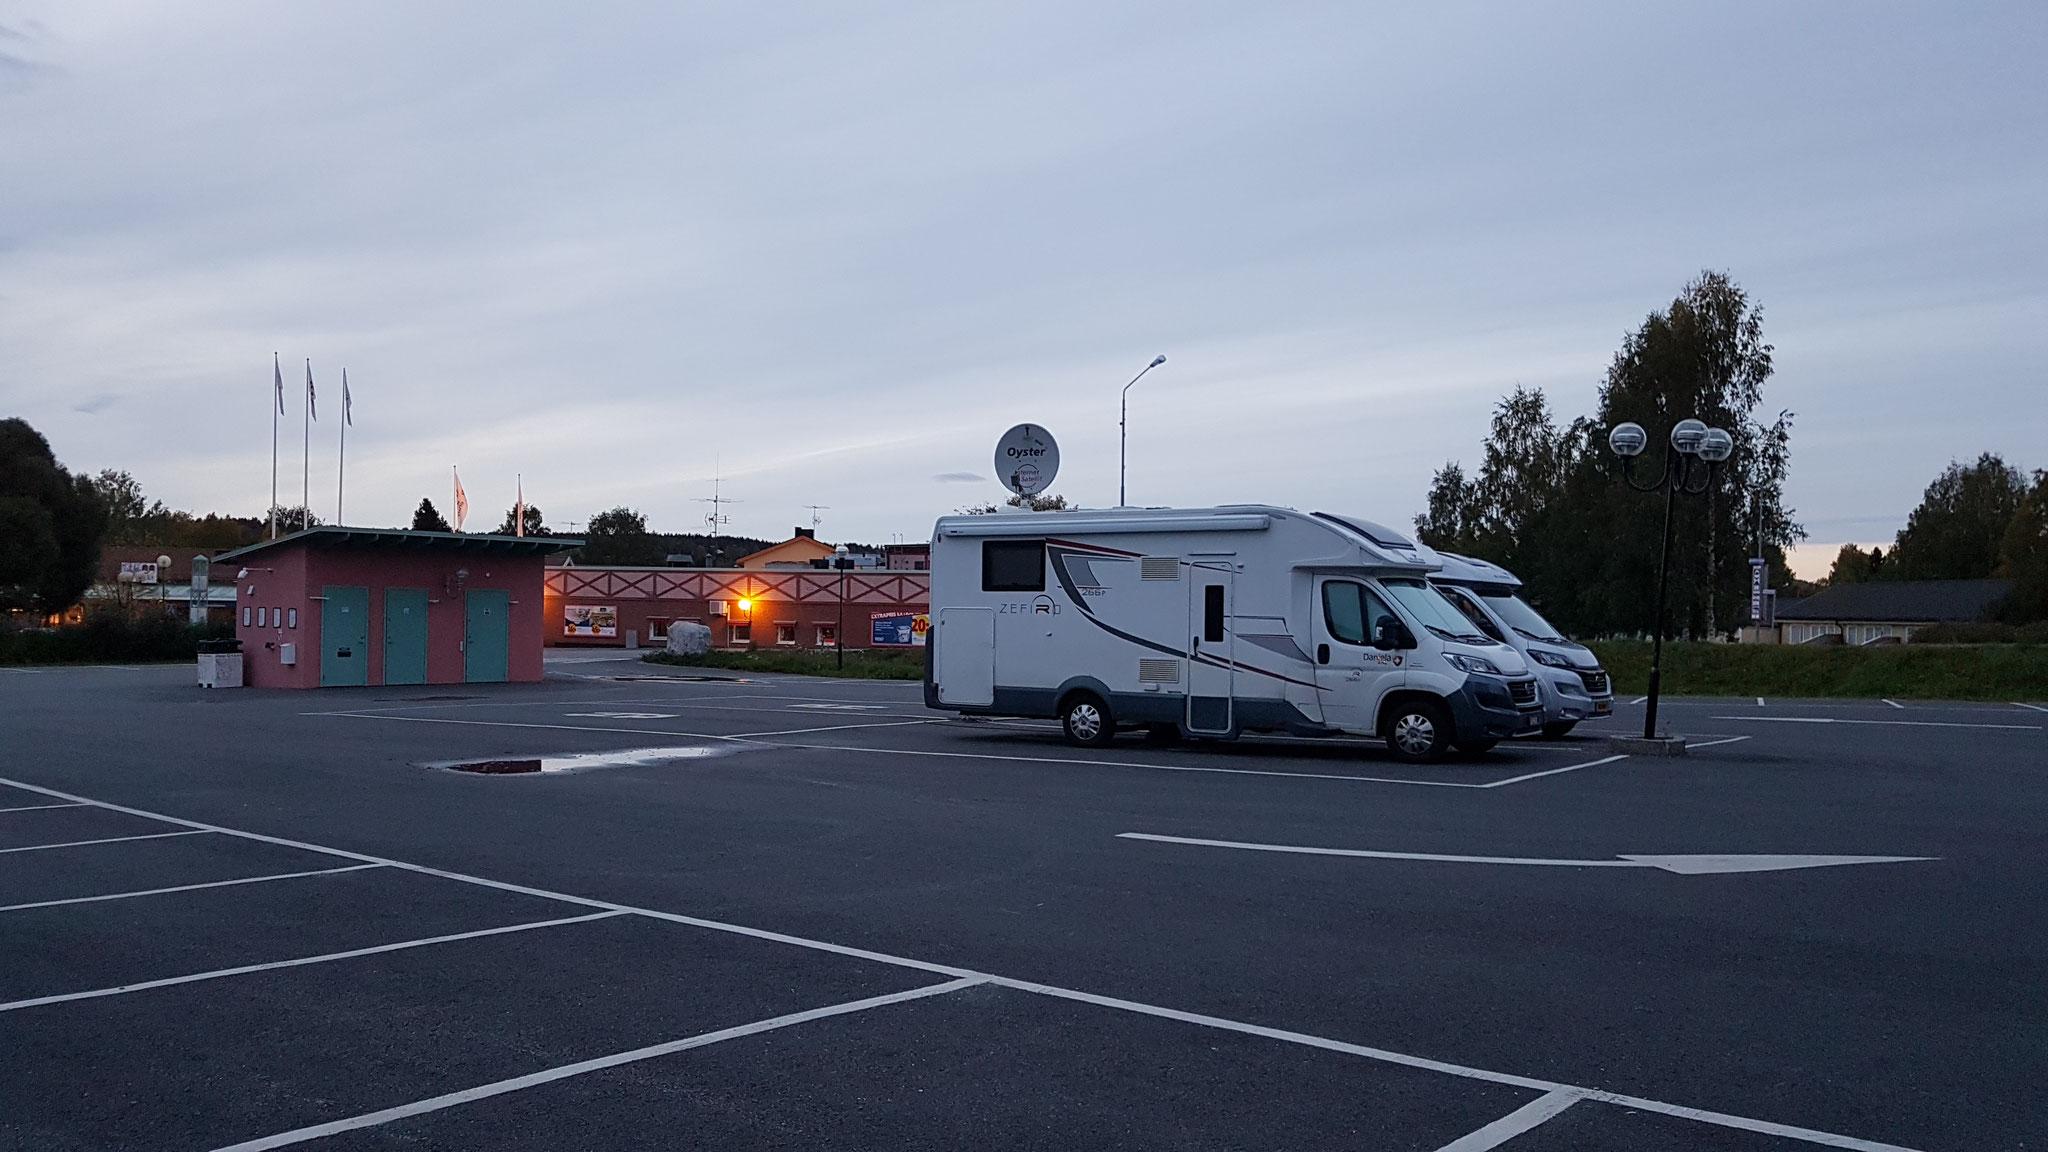 Nachtlager mit holländischem Nachbarn auf Kuschelkurs